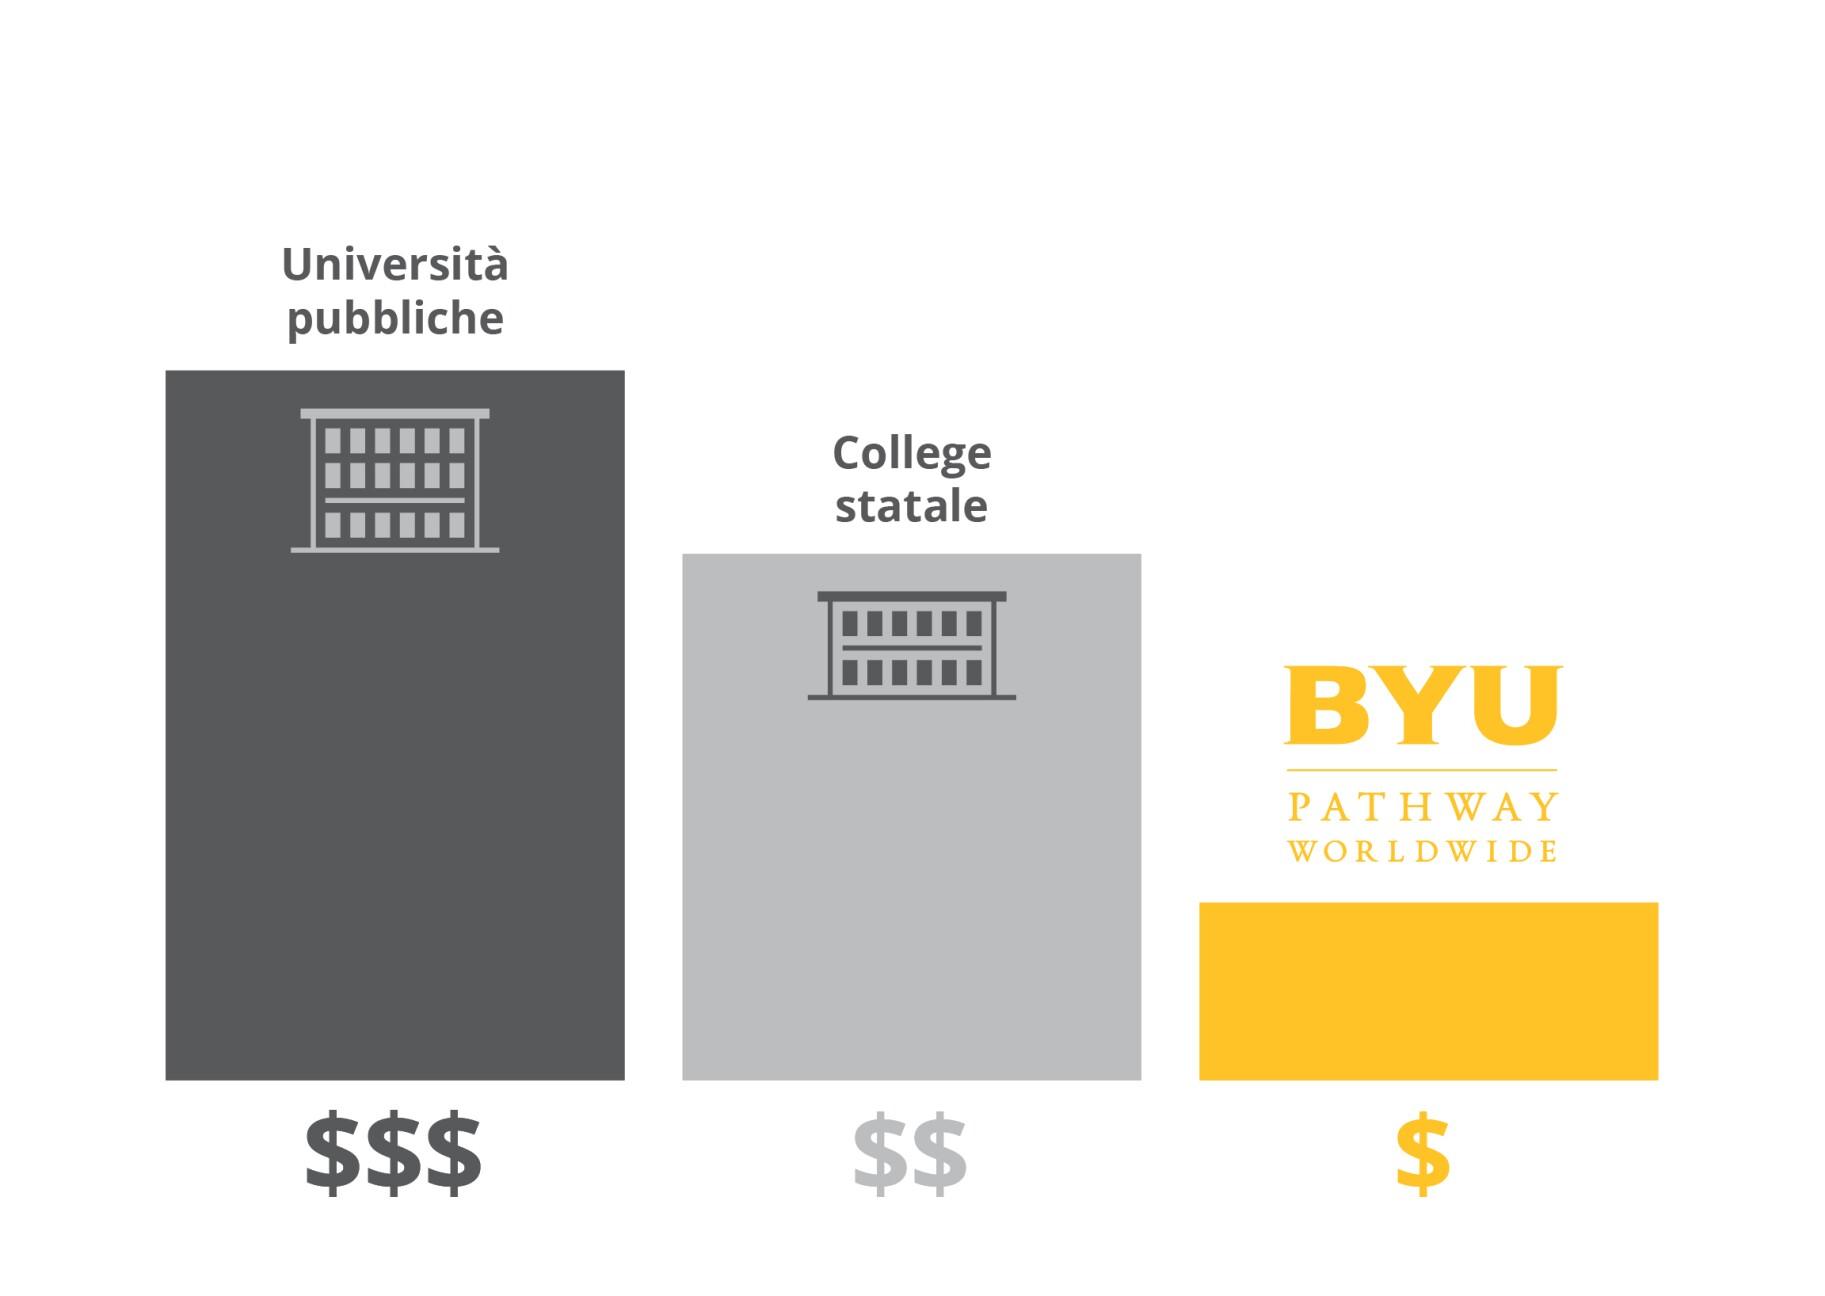 Tuition Cost Comparison - Italian